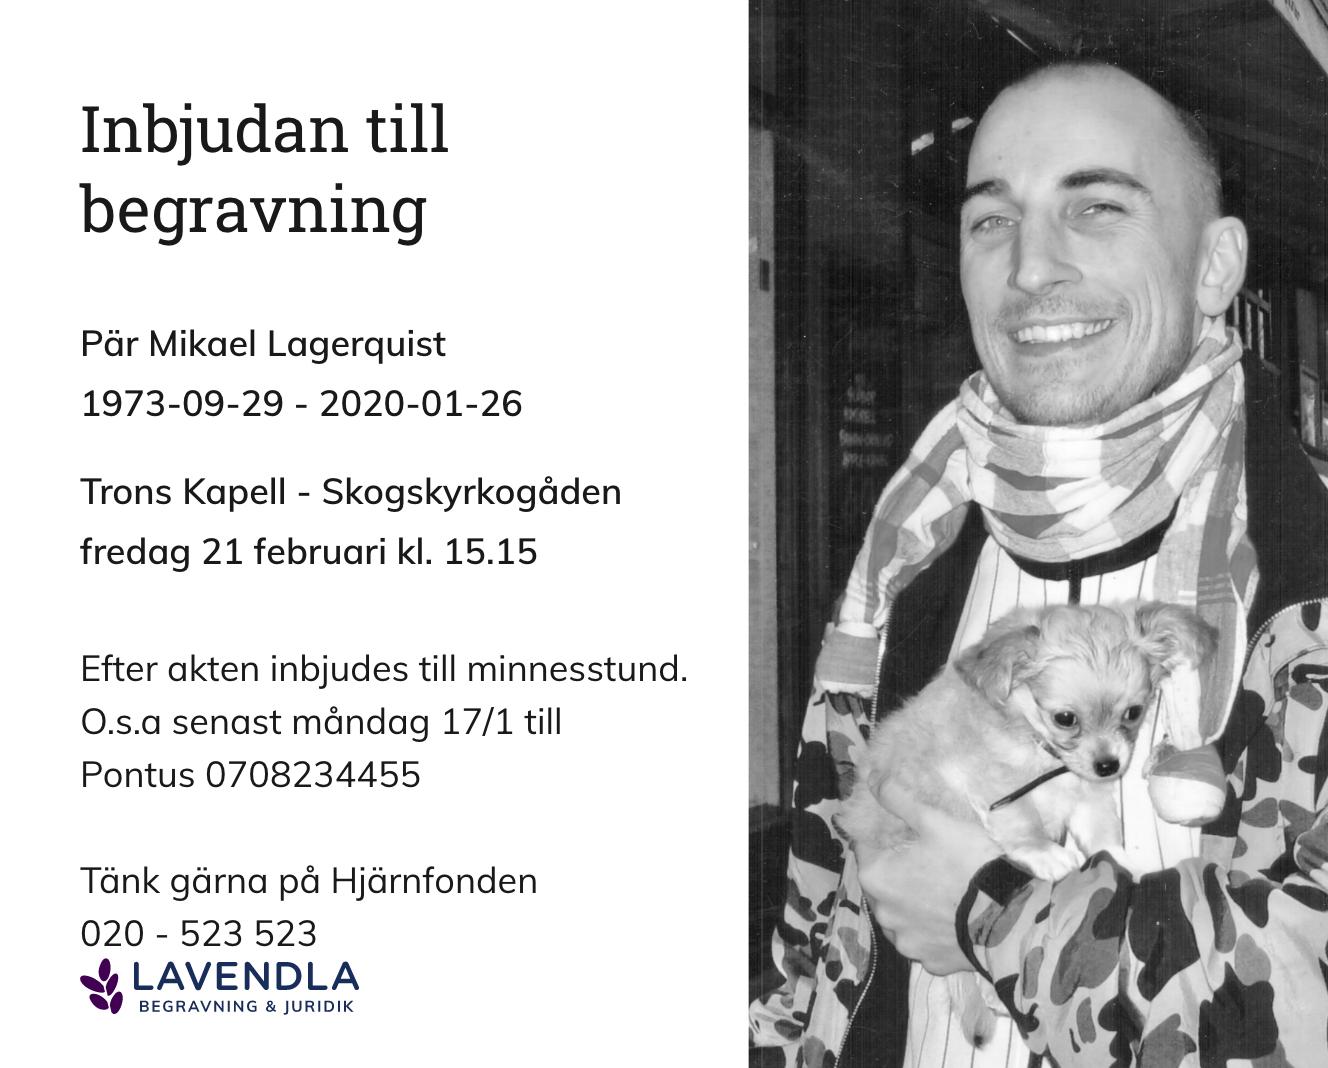 Inbjudningskort till ceremonin för Pär Mikael Lagerquist